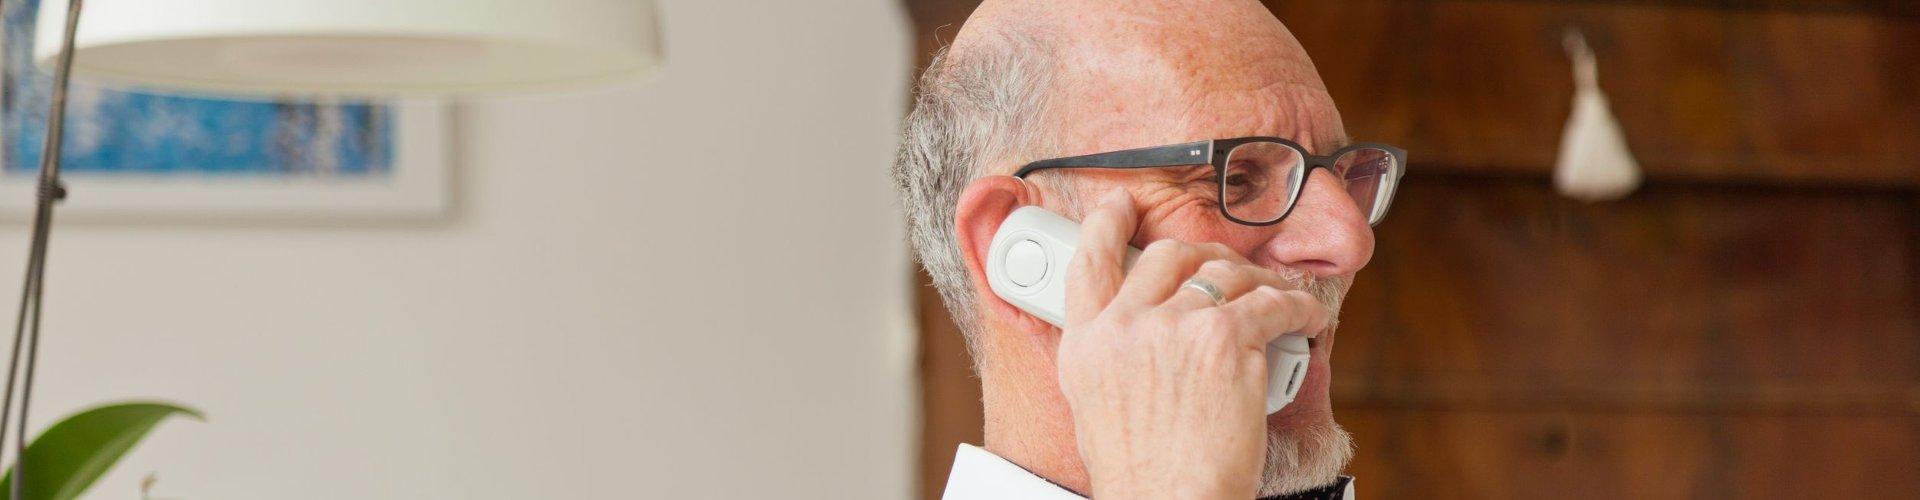 service-telephonie-ip-quebecois